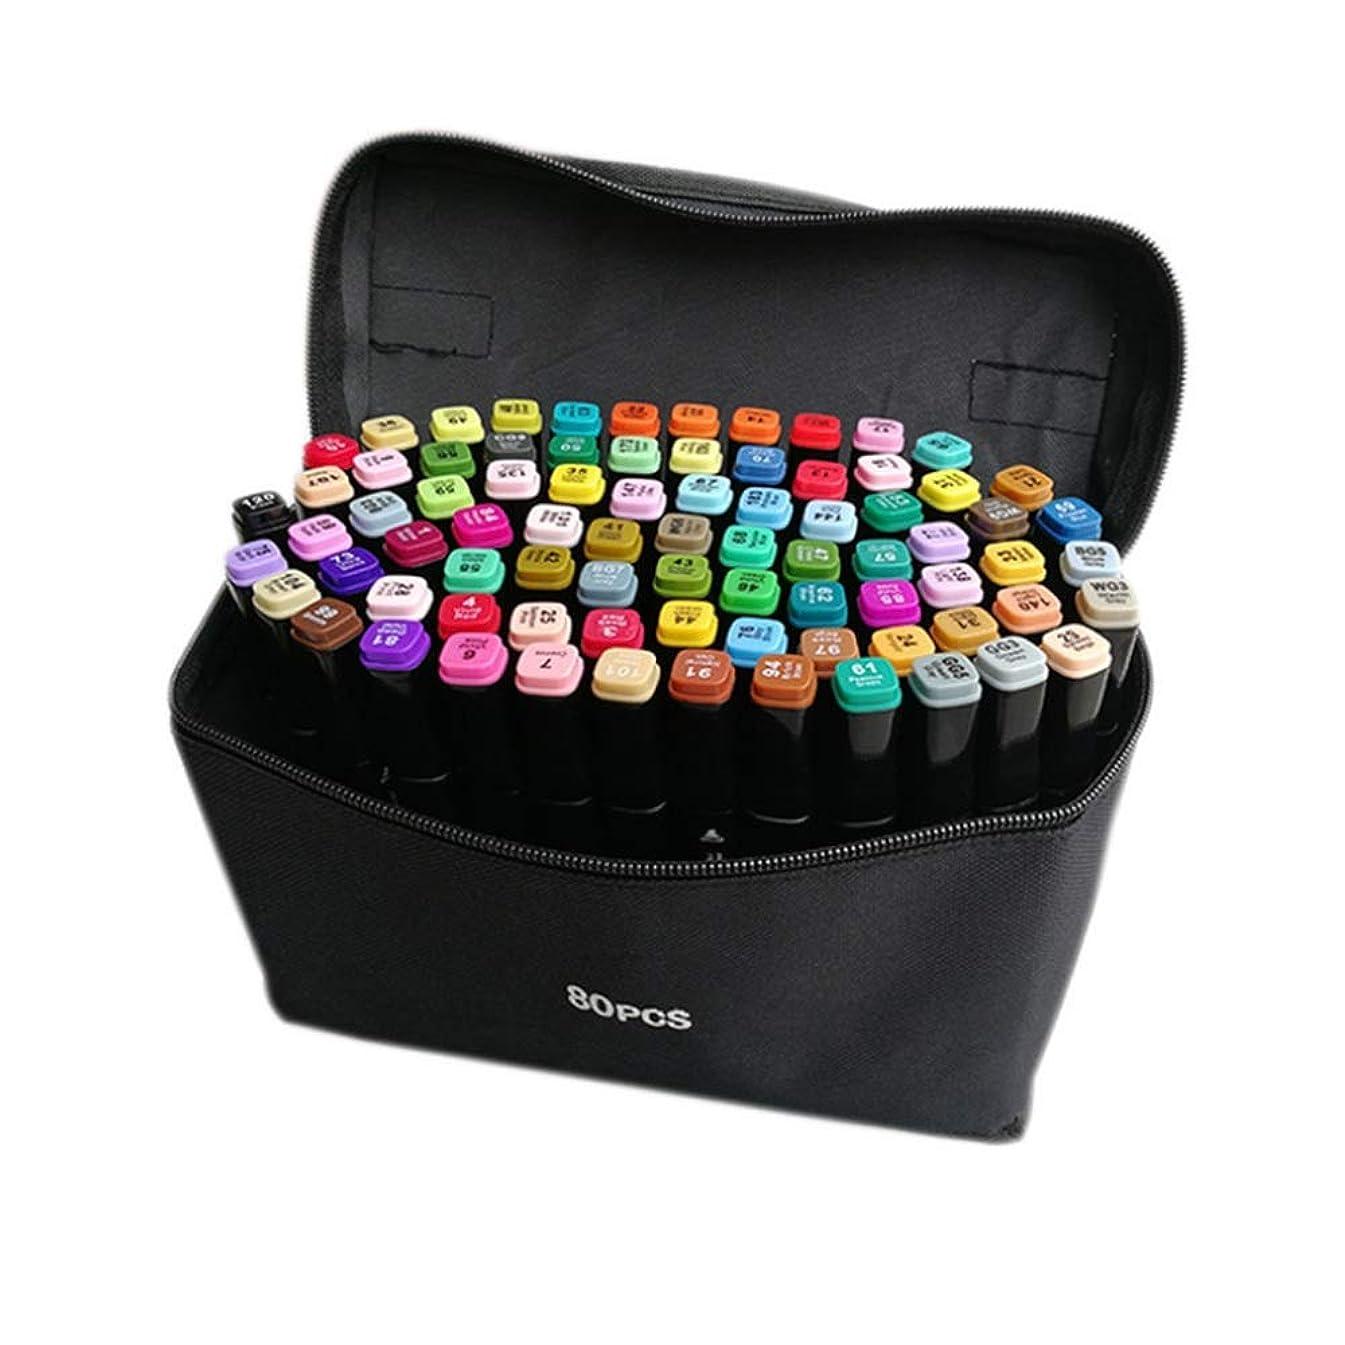 喉頭受け入れるスーツ水彩ペン 80色のスケッチの執筆デッサンは子供および大人に大きいギフトを提供します 絵描き 塗り絵 アートマーカー 美術用 事務用 画材 子供用画材 (色 : 色)